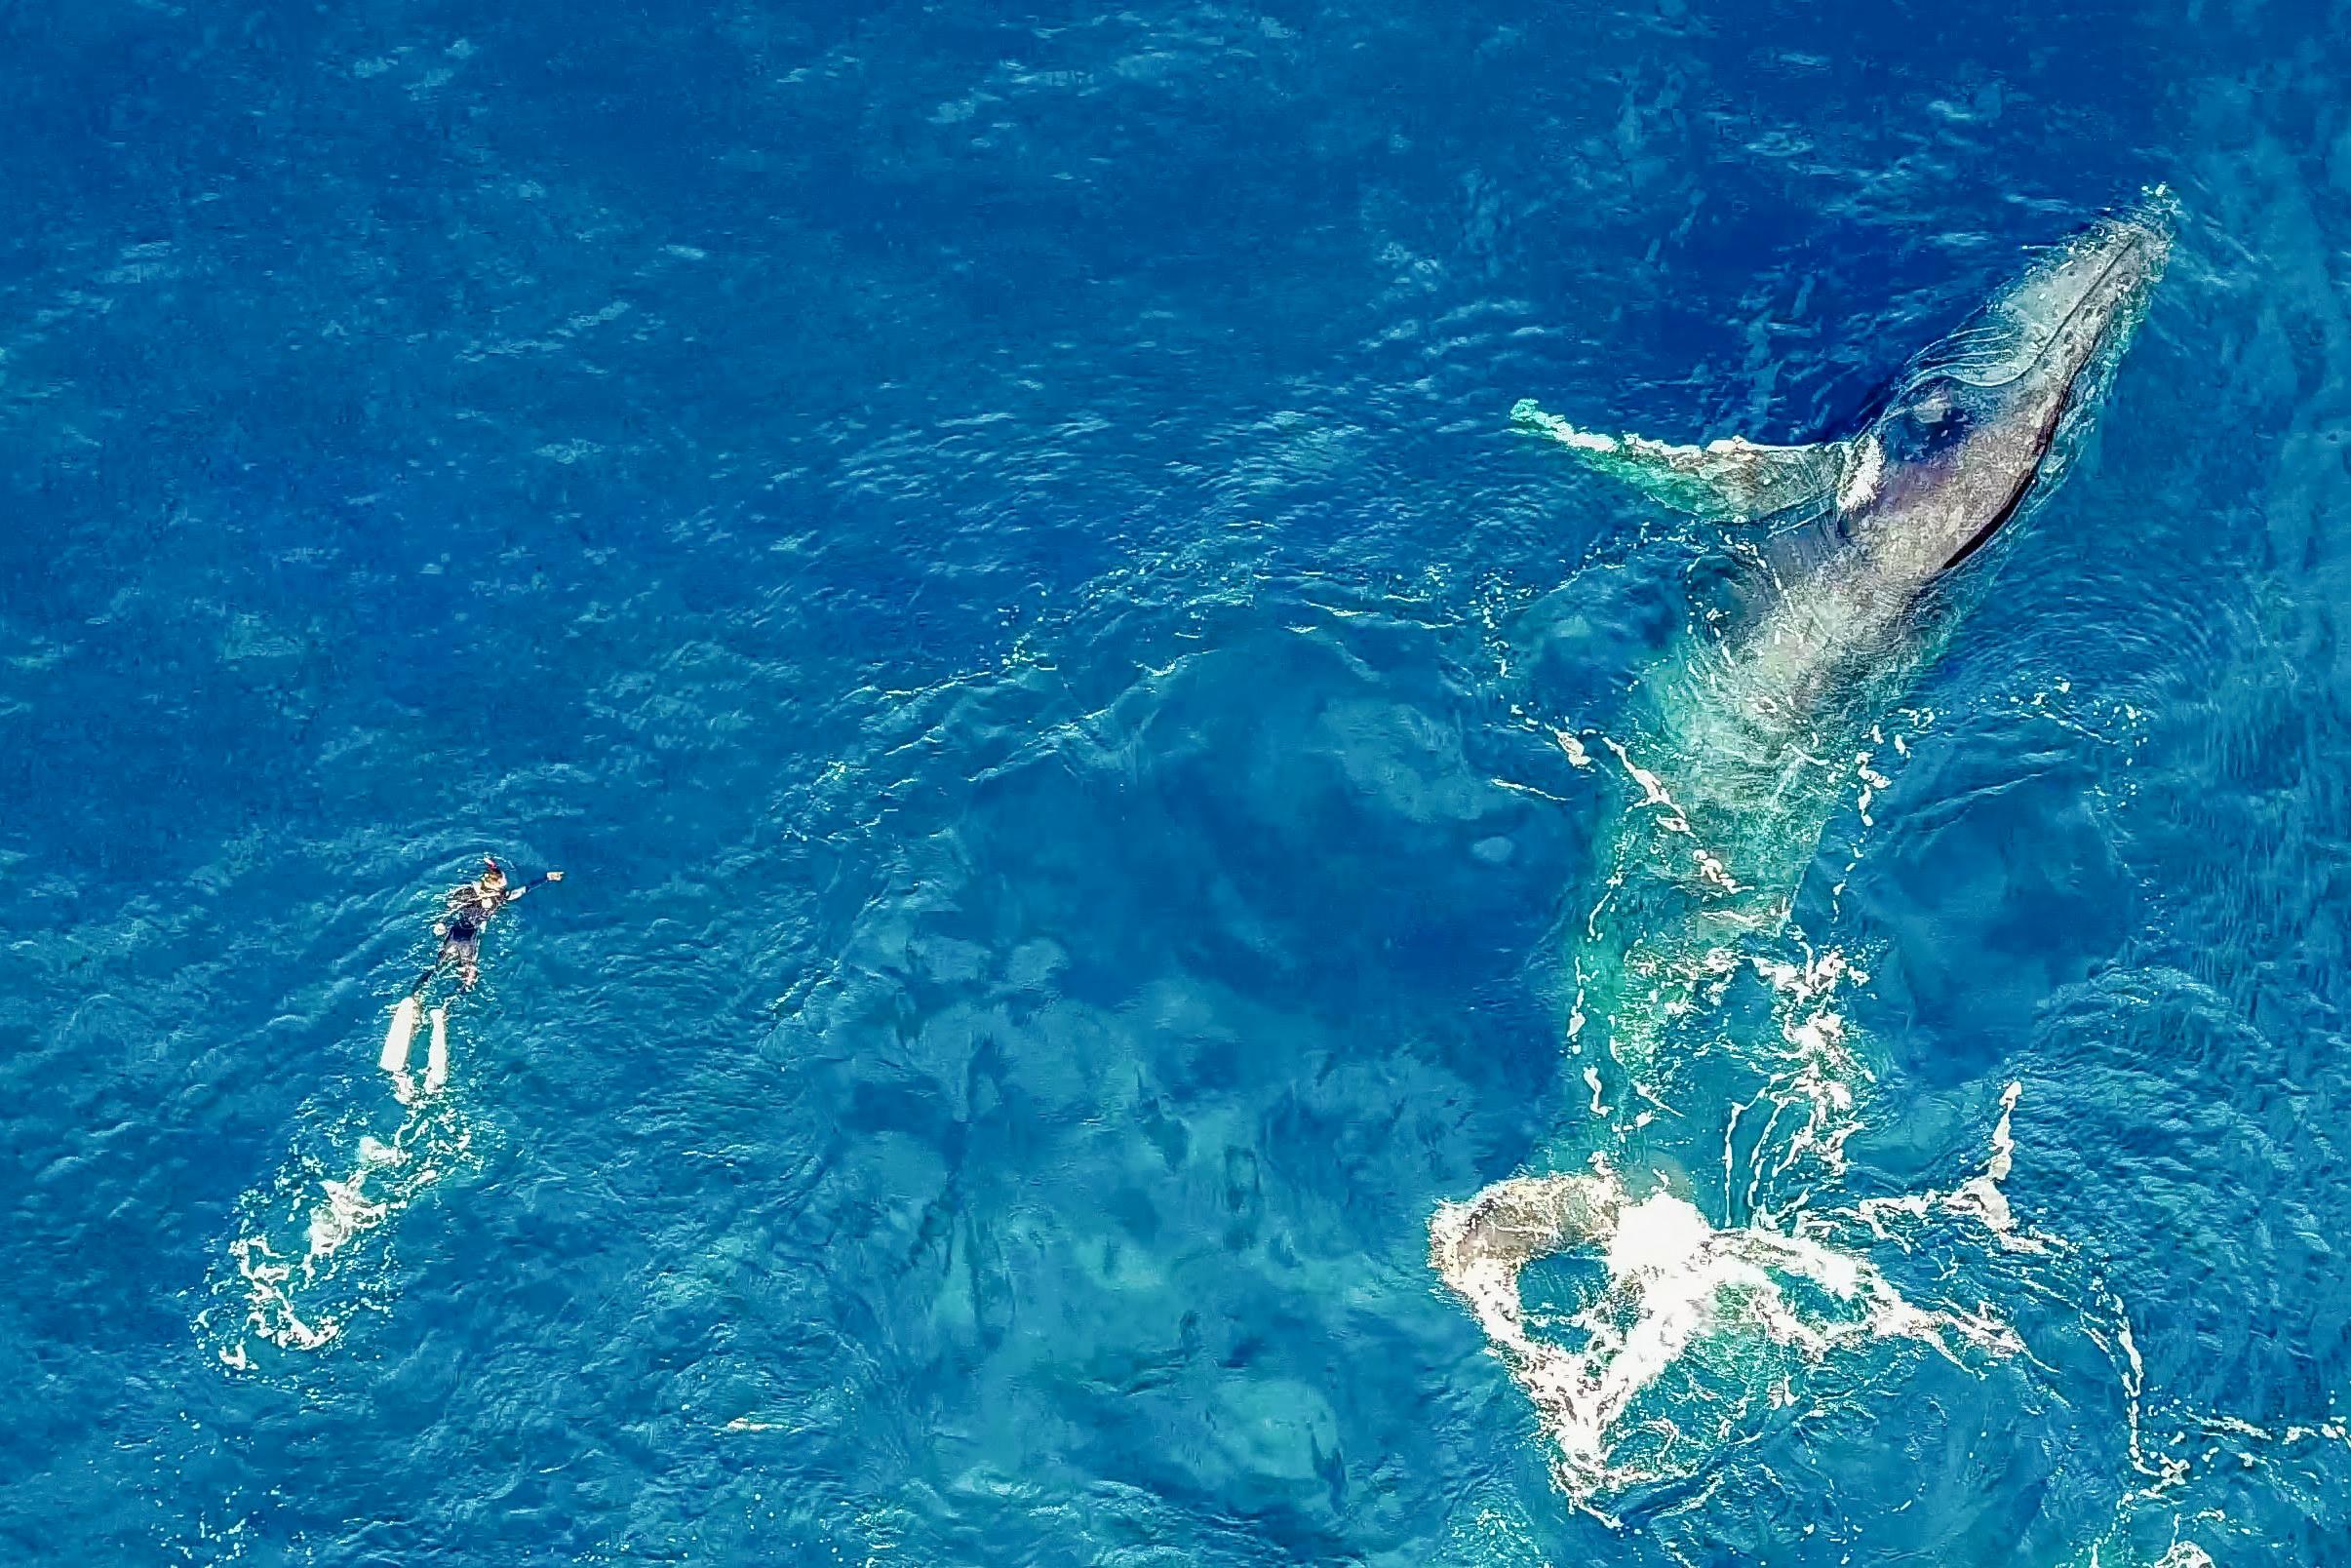 クジラ空撮サポート(ドローン所有者/上級者向け)